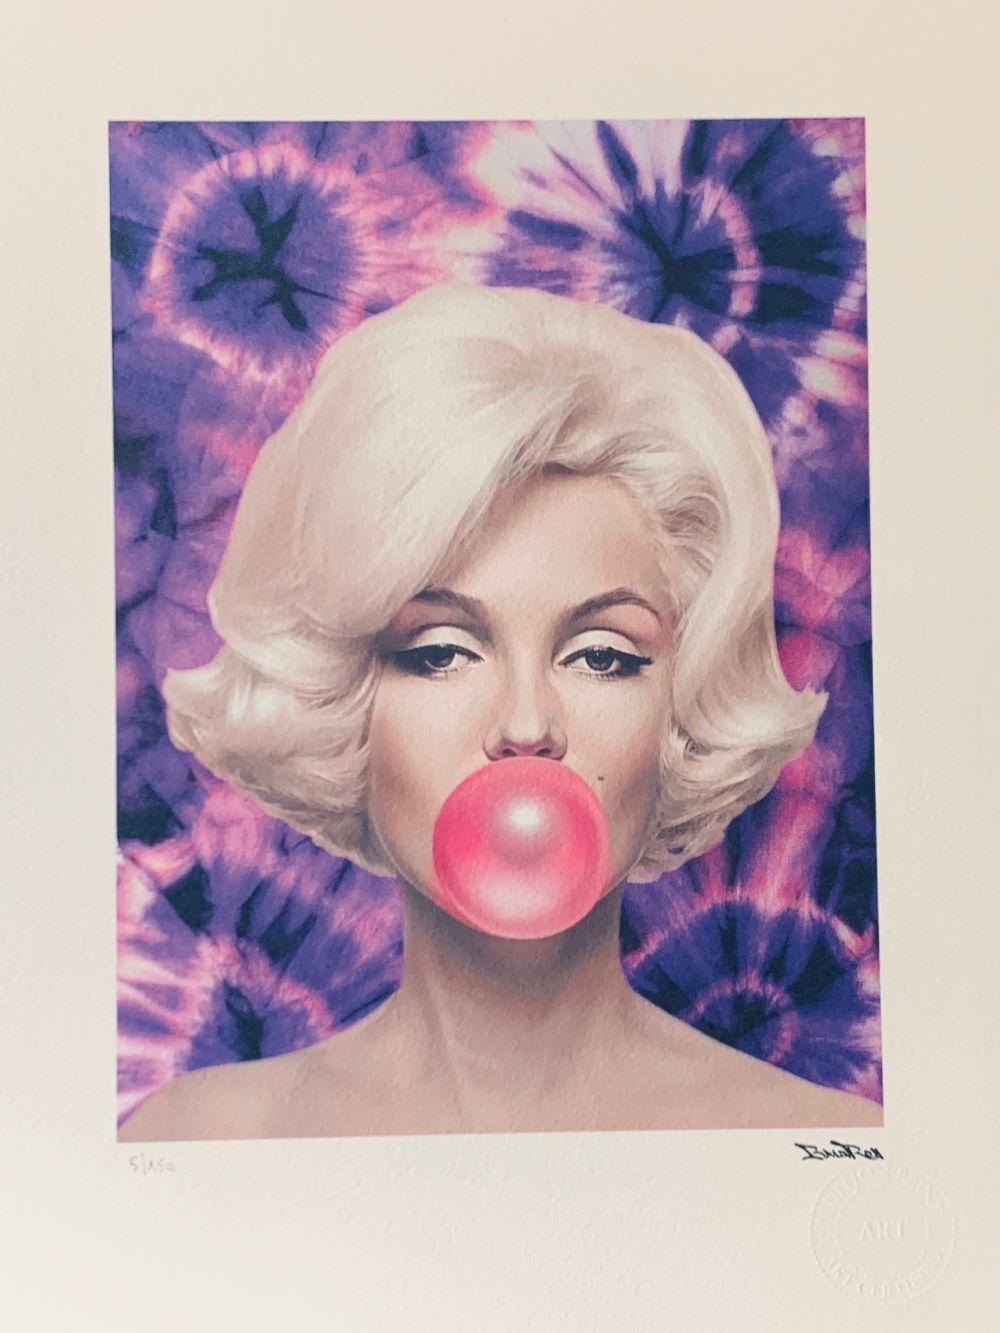 """BrainRoy (né en 1980) """"Marilyn Ballon, Tie and dye, Purple"""" Lithographie polychrome numérique, œuvr"""